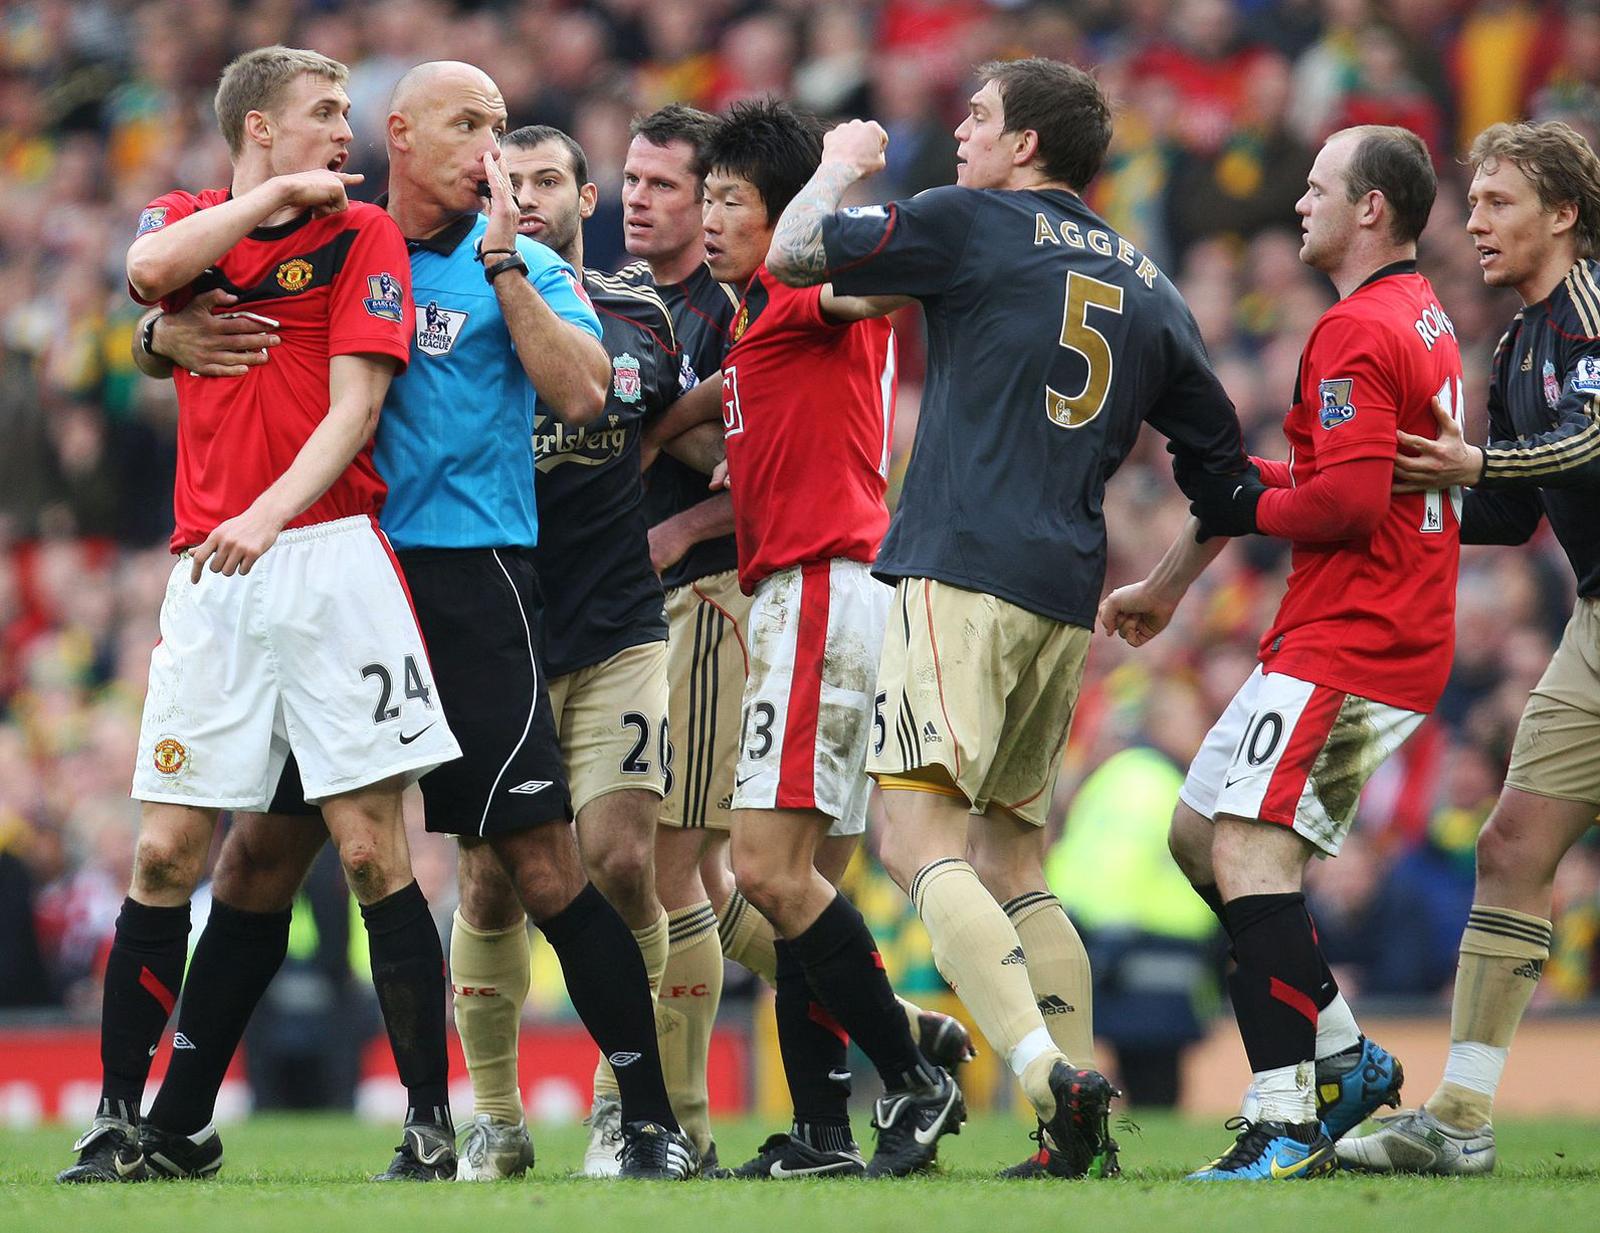 Đỉnh cao Ngoại Hạng Anh: MU - Liverpool đua vô địch, đội nào thắng thế? - 18